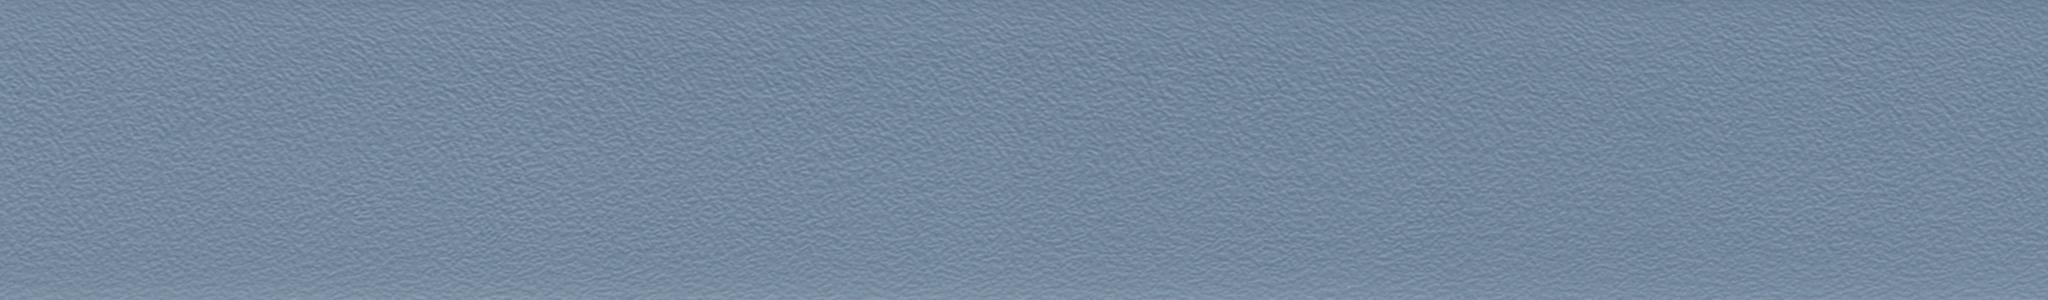 HU 15649 ABS hrana modrá perla XG